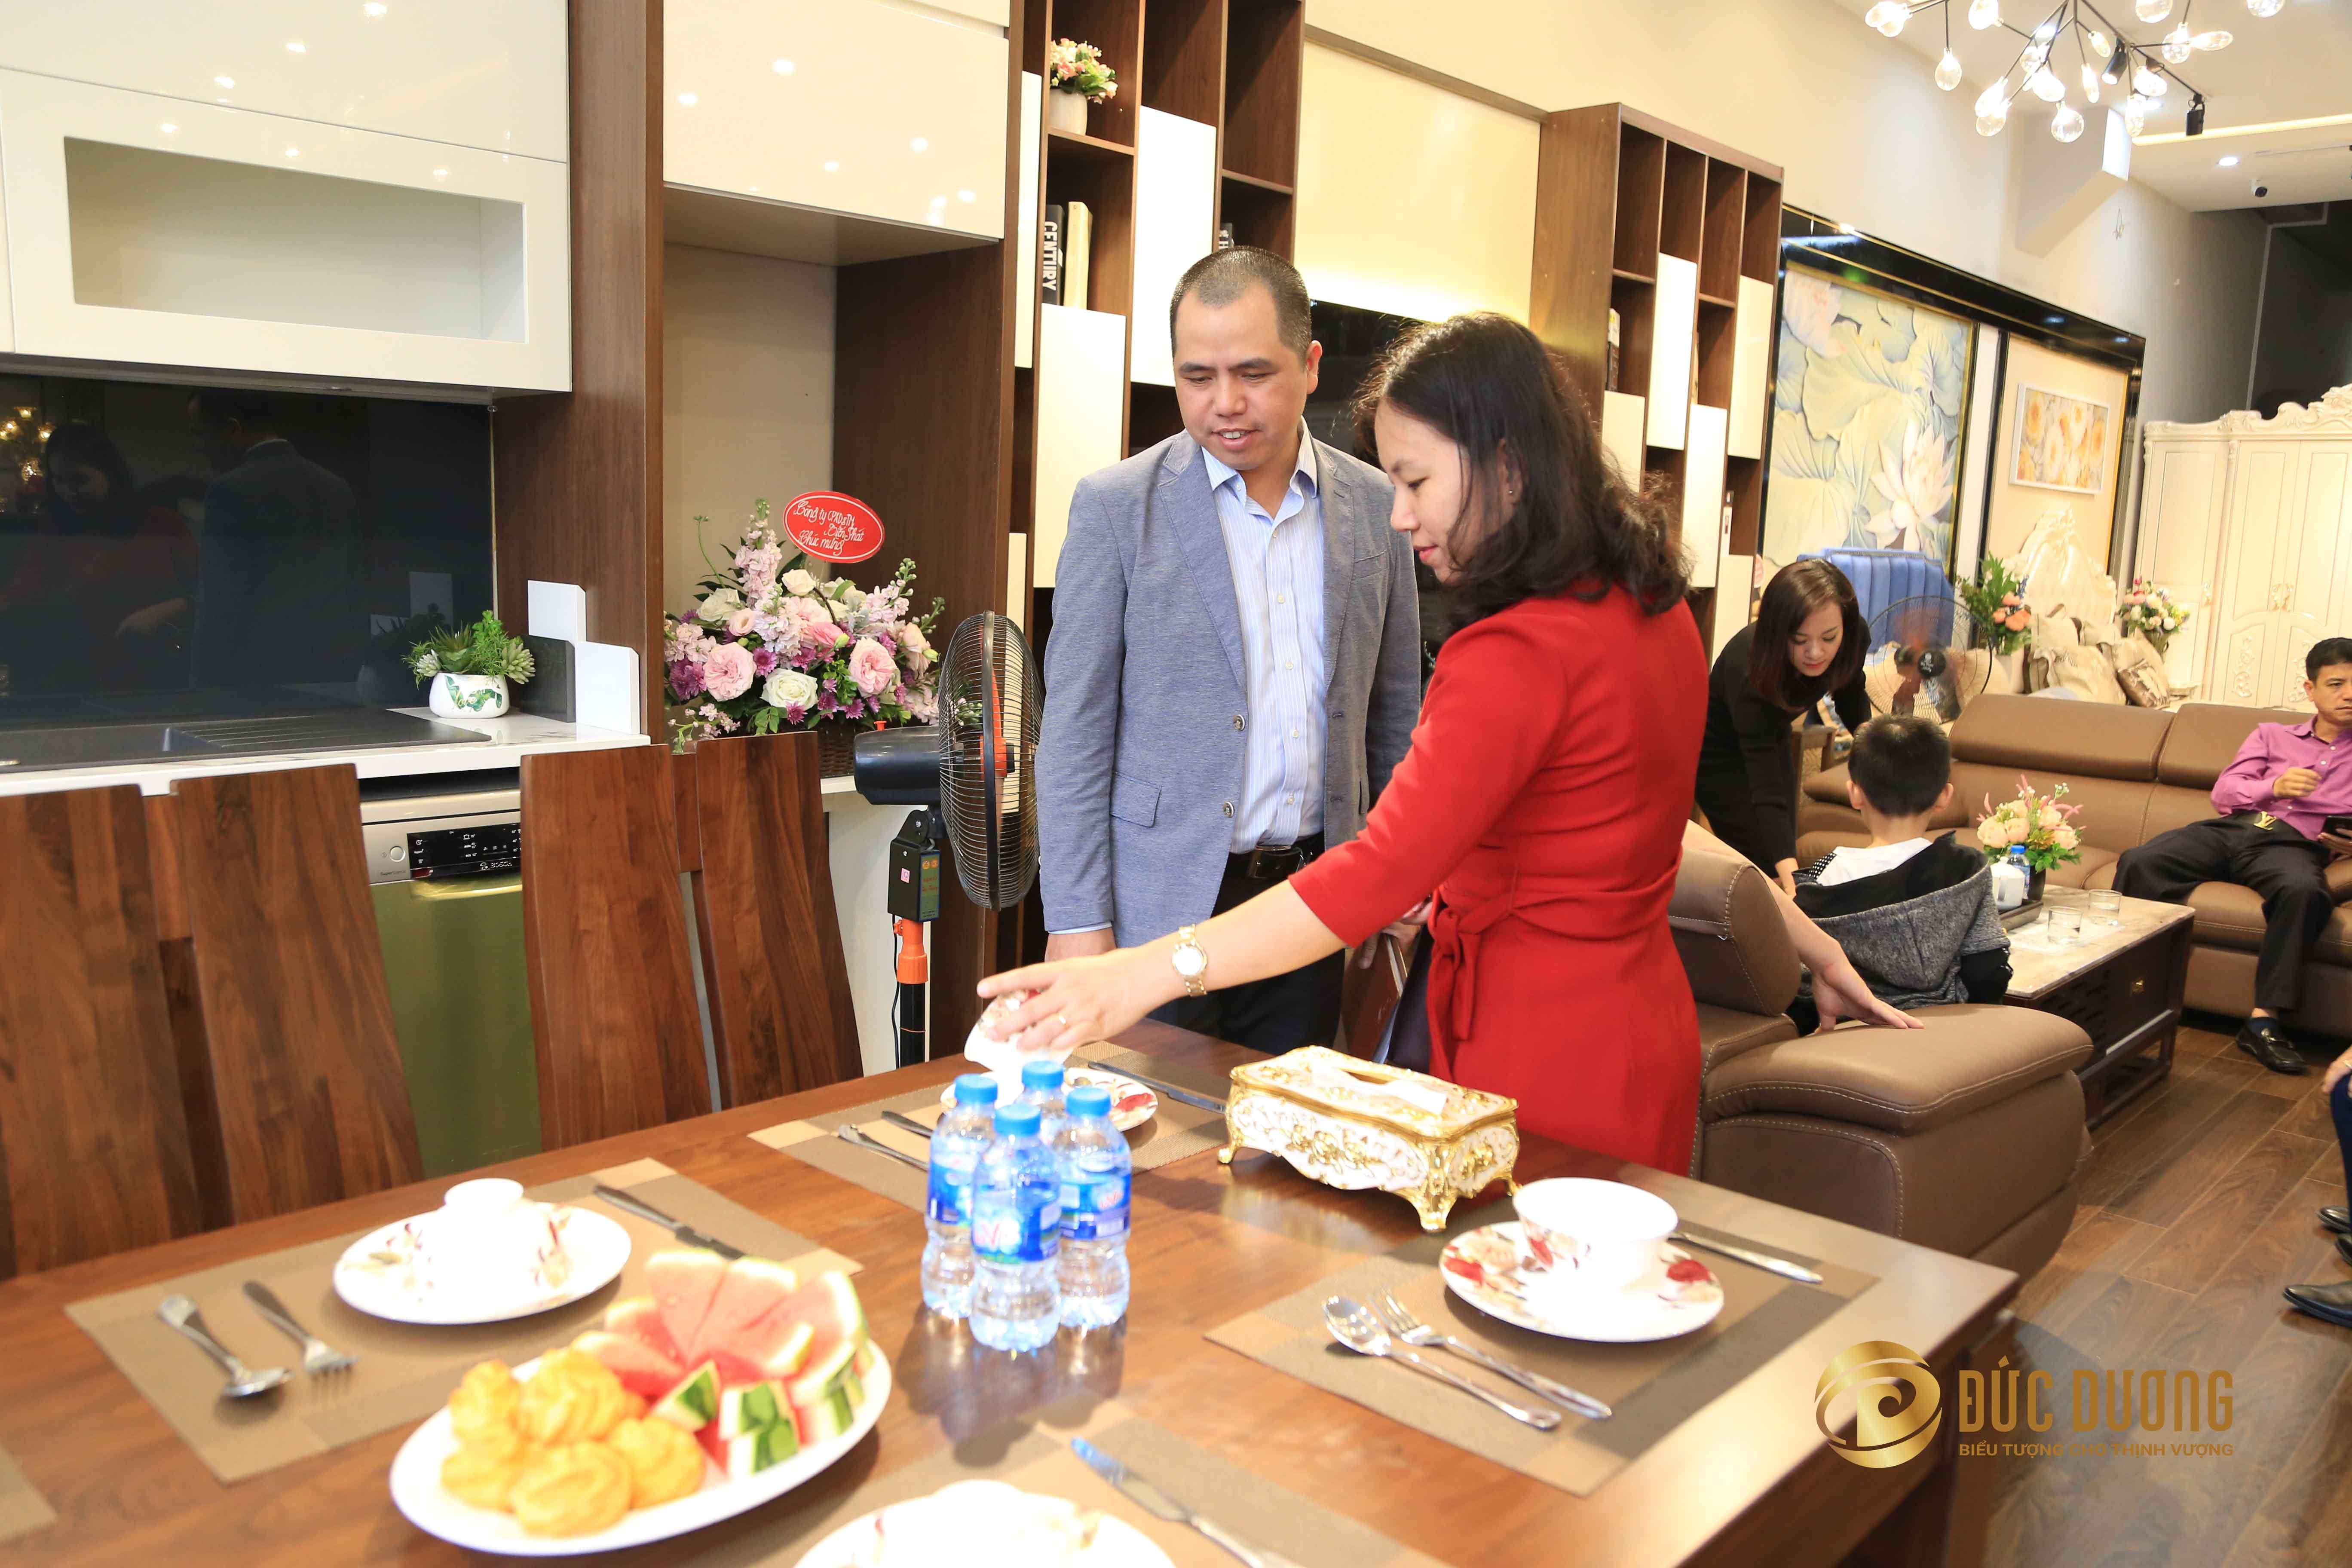 Tưng bừng khai trương showroom phân phối sản phẩm của Nội thất Đức Dương tại Quảng Ninh